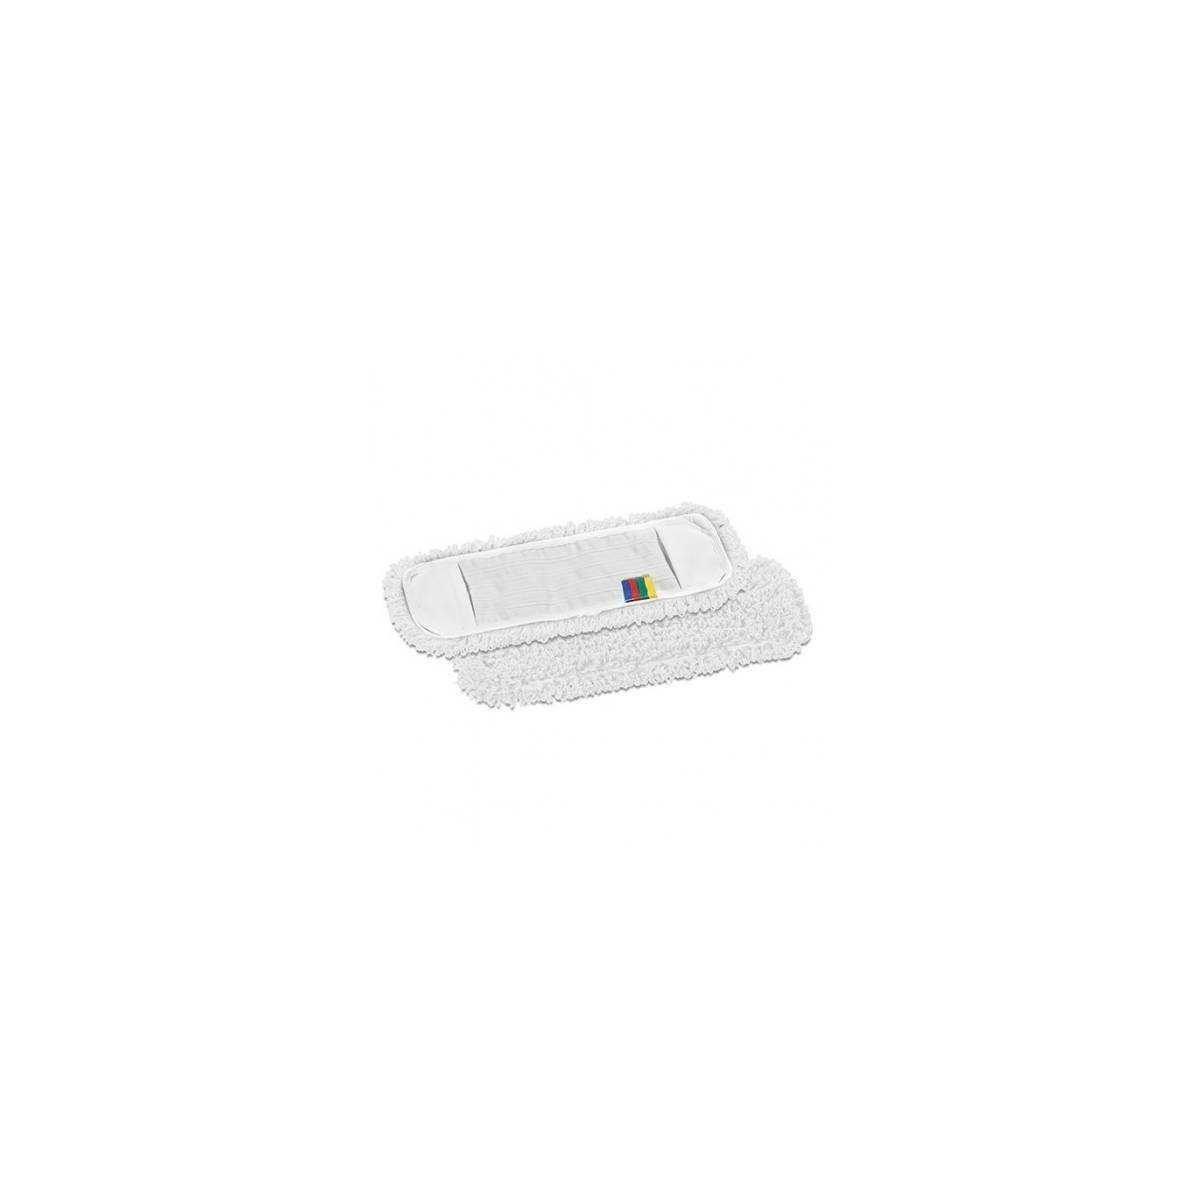 Моп Microriccio Blik микрофибра с карманами 40см (Цвет белый) 00000476 TTS